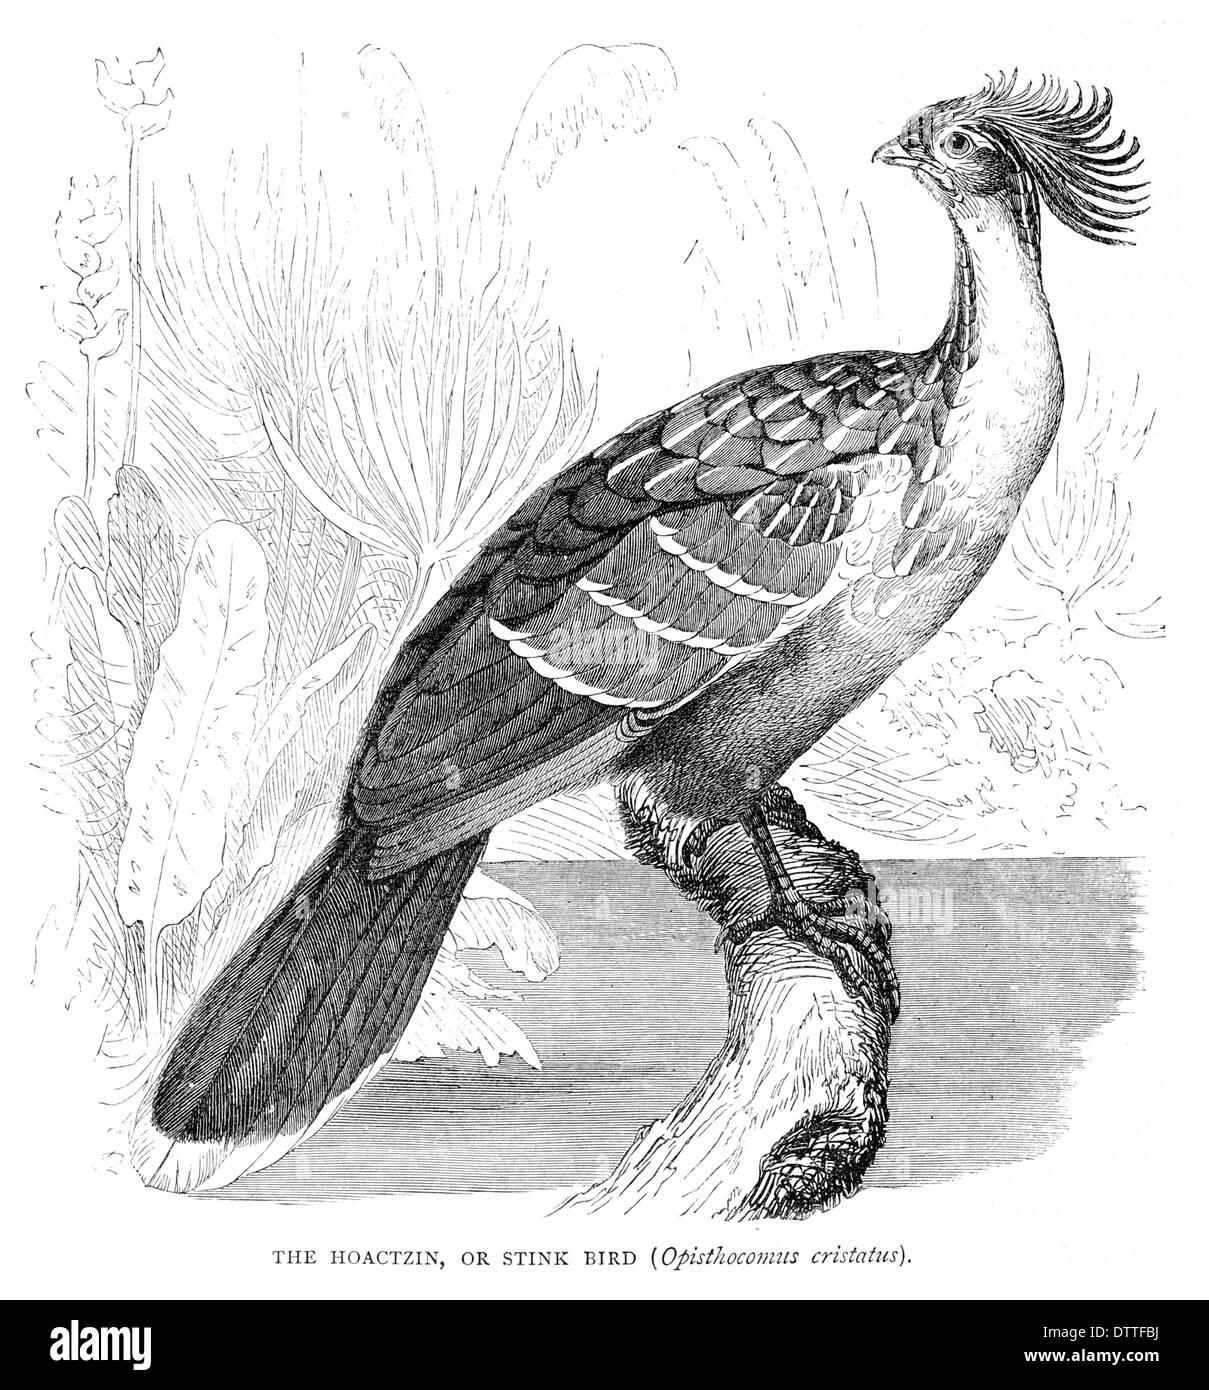 Hoactzin oder stinken Vogel Opisthocomus cristatus Stockbild